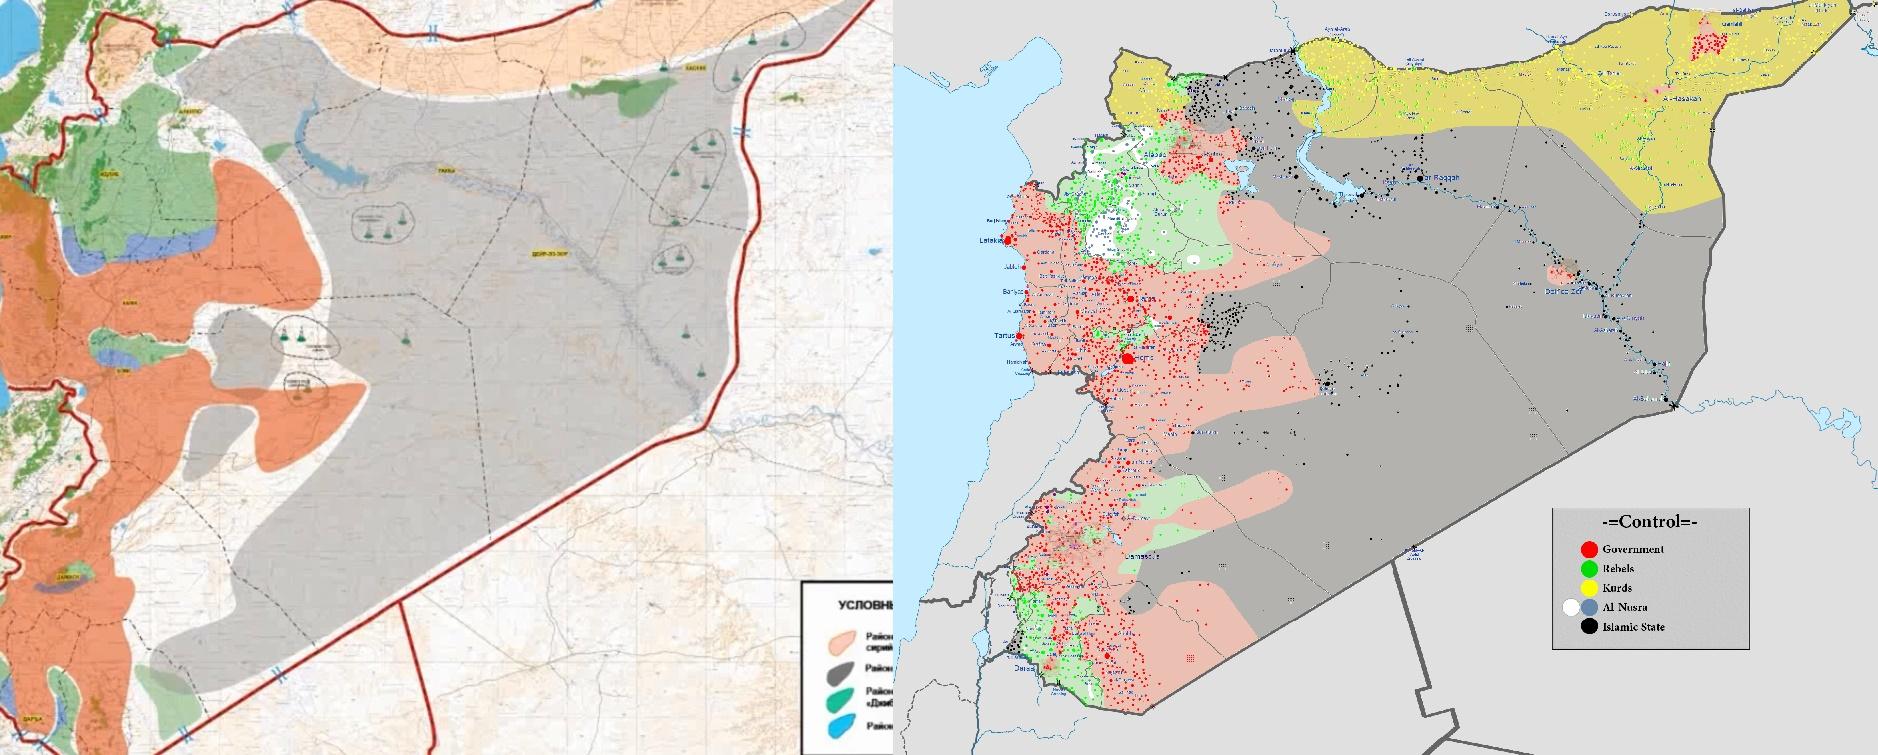 Слева — карта перемирия по версии Минобороны РФ, где территории «Джибхат ан-Нусра» обозначены зеленым. Справа — карта сирийского конфликта из Википедии, где территории «Нусры» обозначены белым.